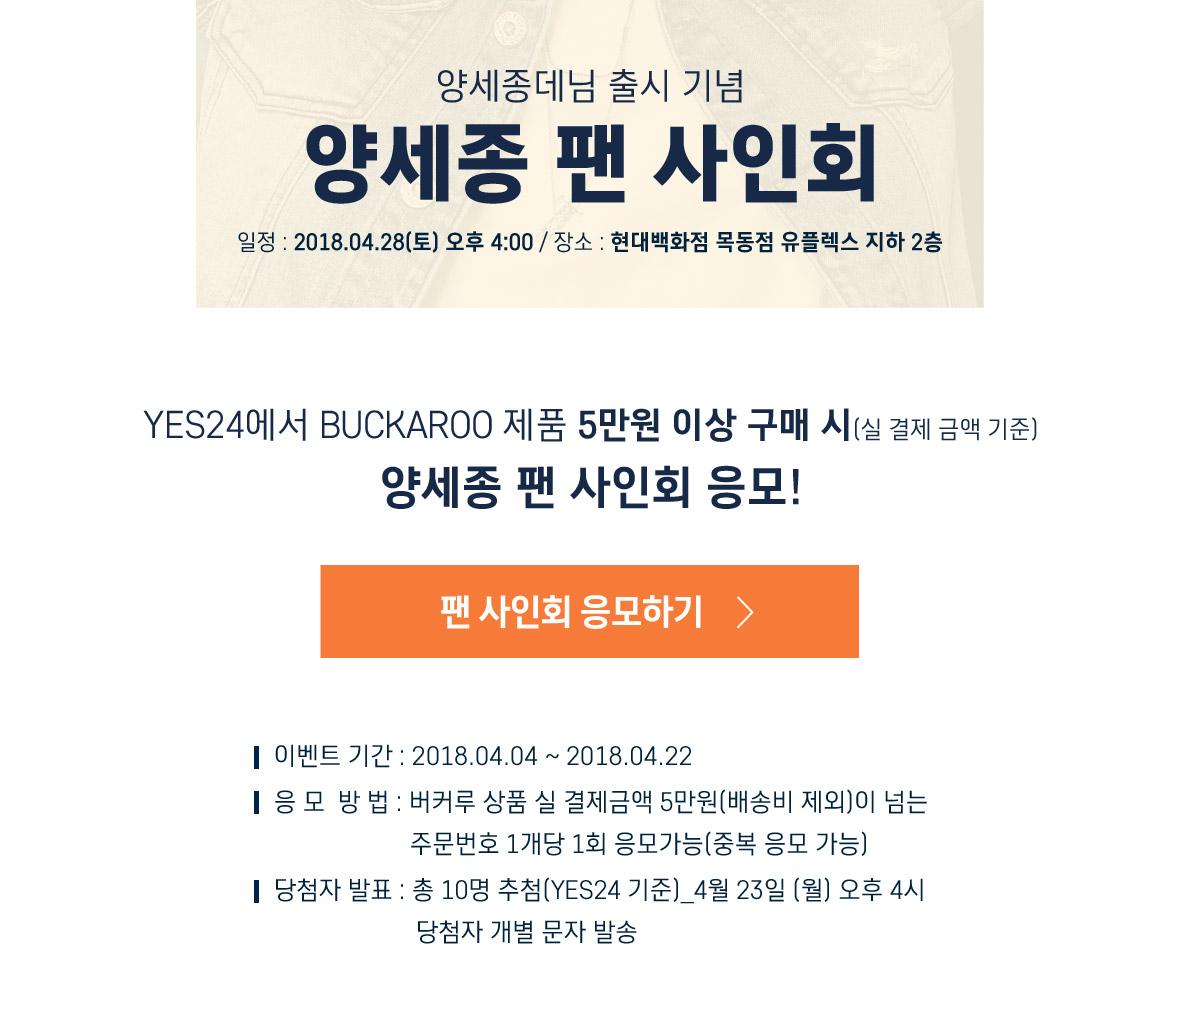 [ 양세종 팬사인회 ] 초청 이벤트